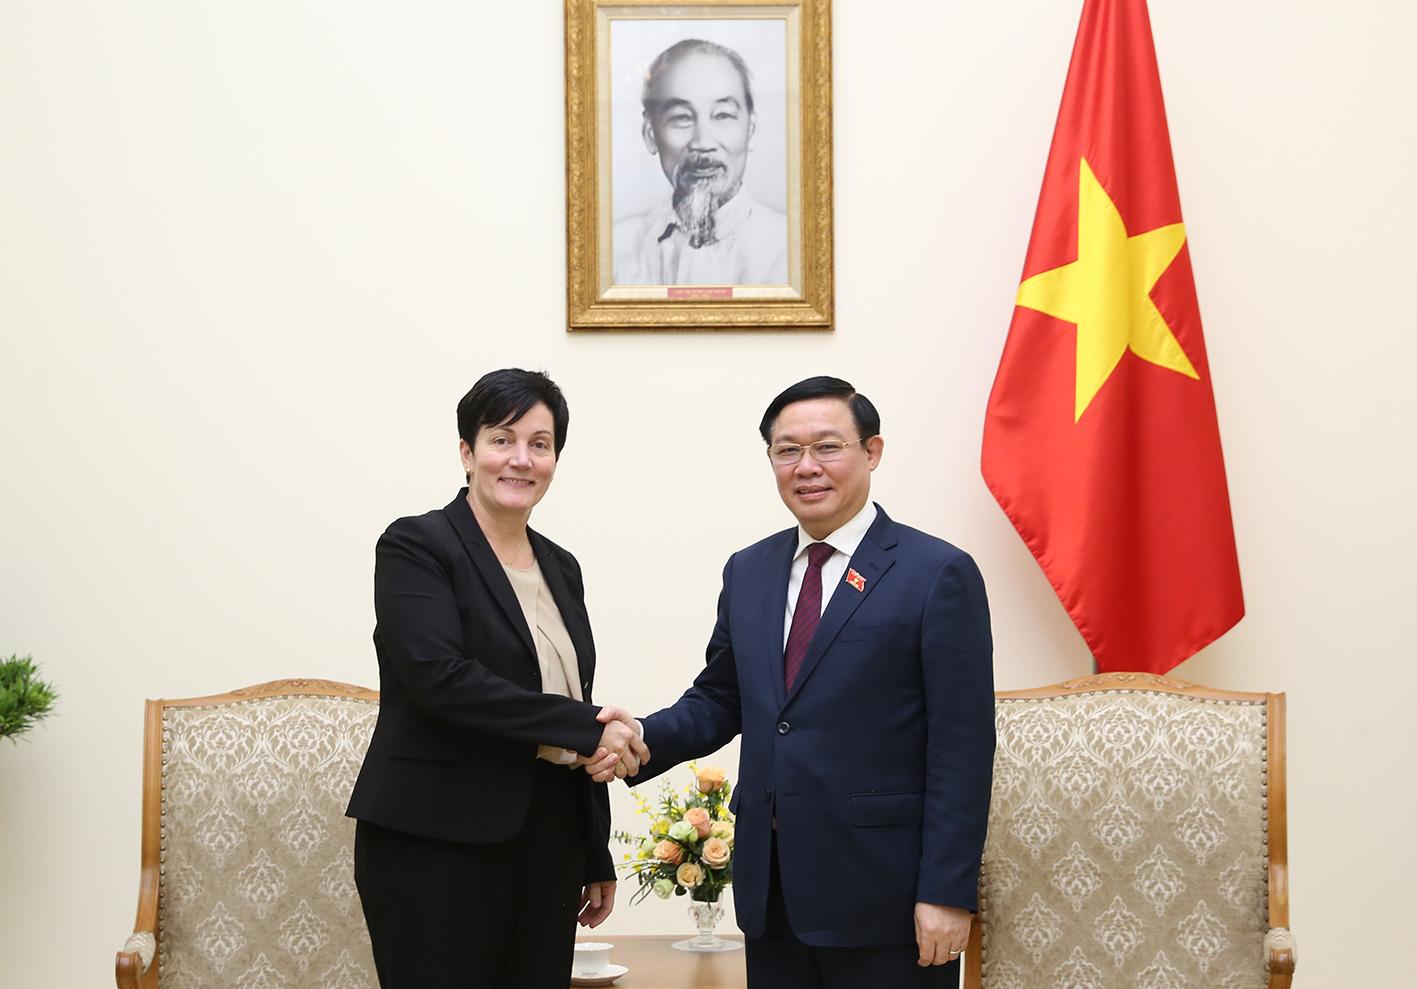 Tổ chức tài chính quốc tế được nhận thế chấp sổ đỏ tại Việt Nam - Ảnh 1.